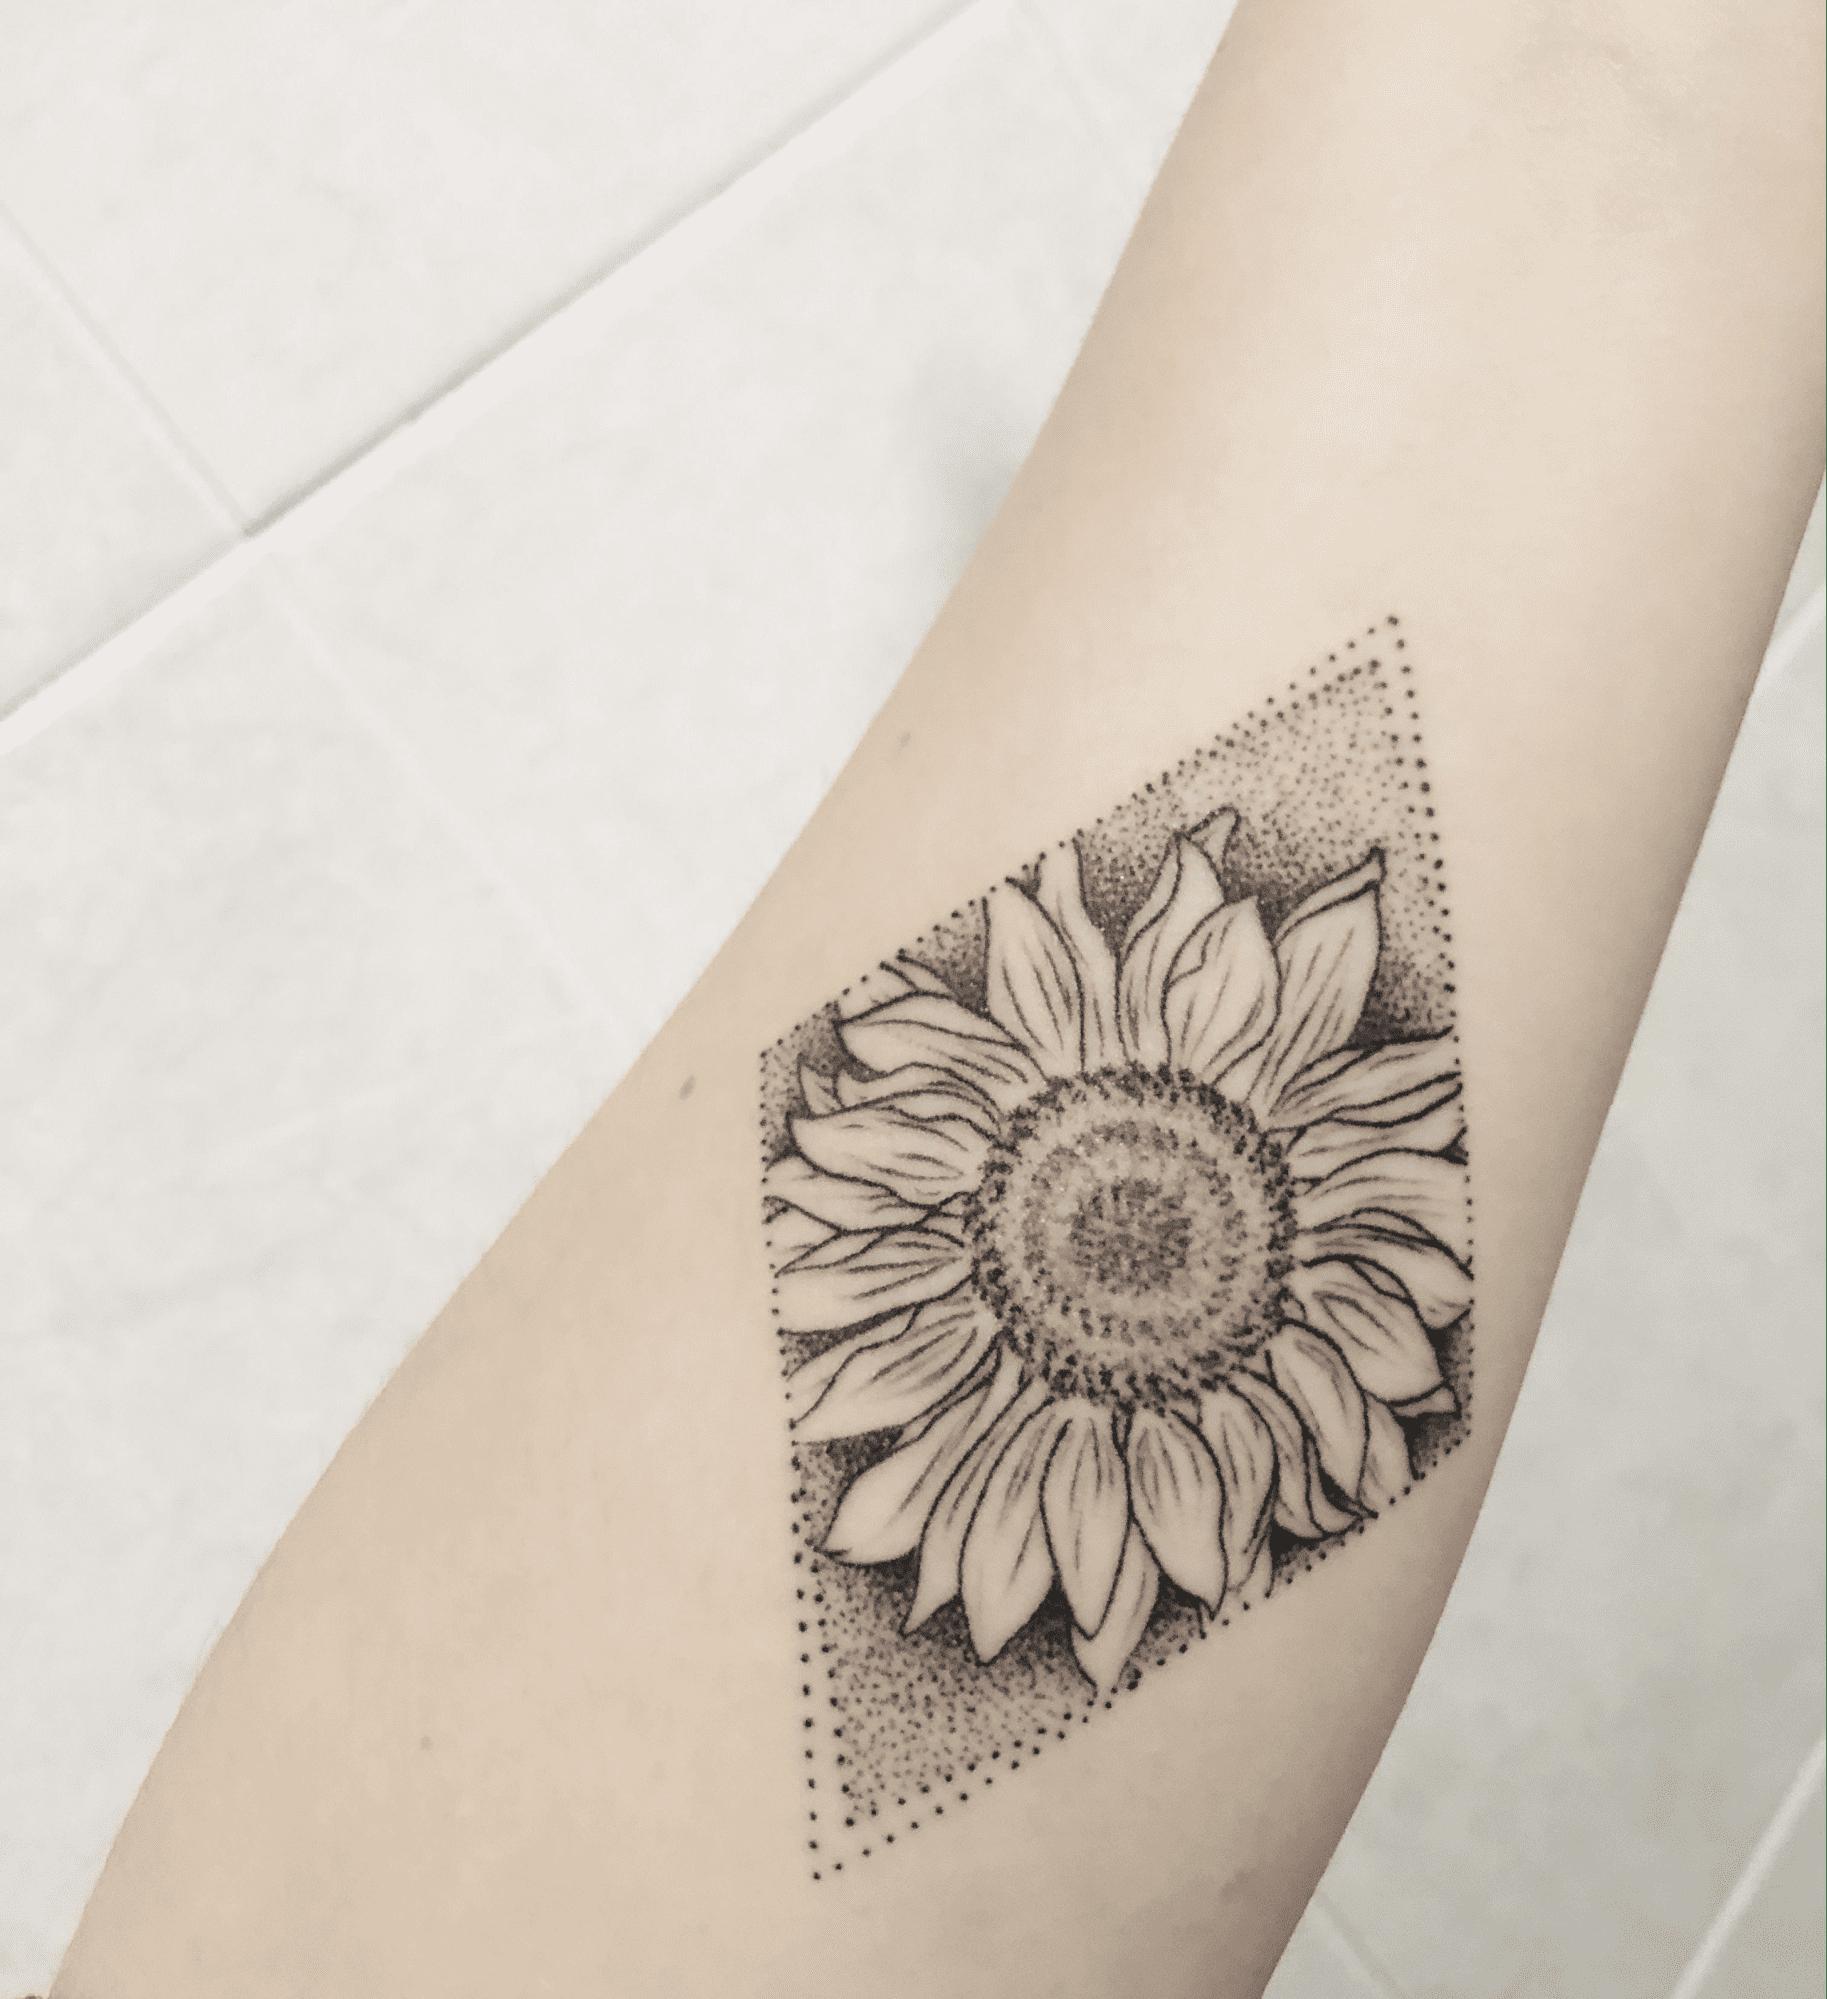 Dot Work Tattoo Design of a Sunflower